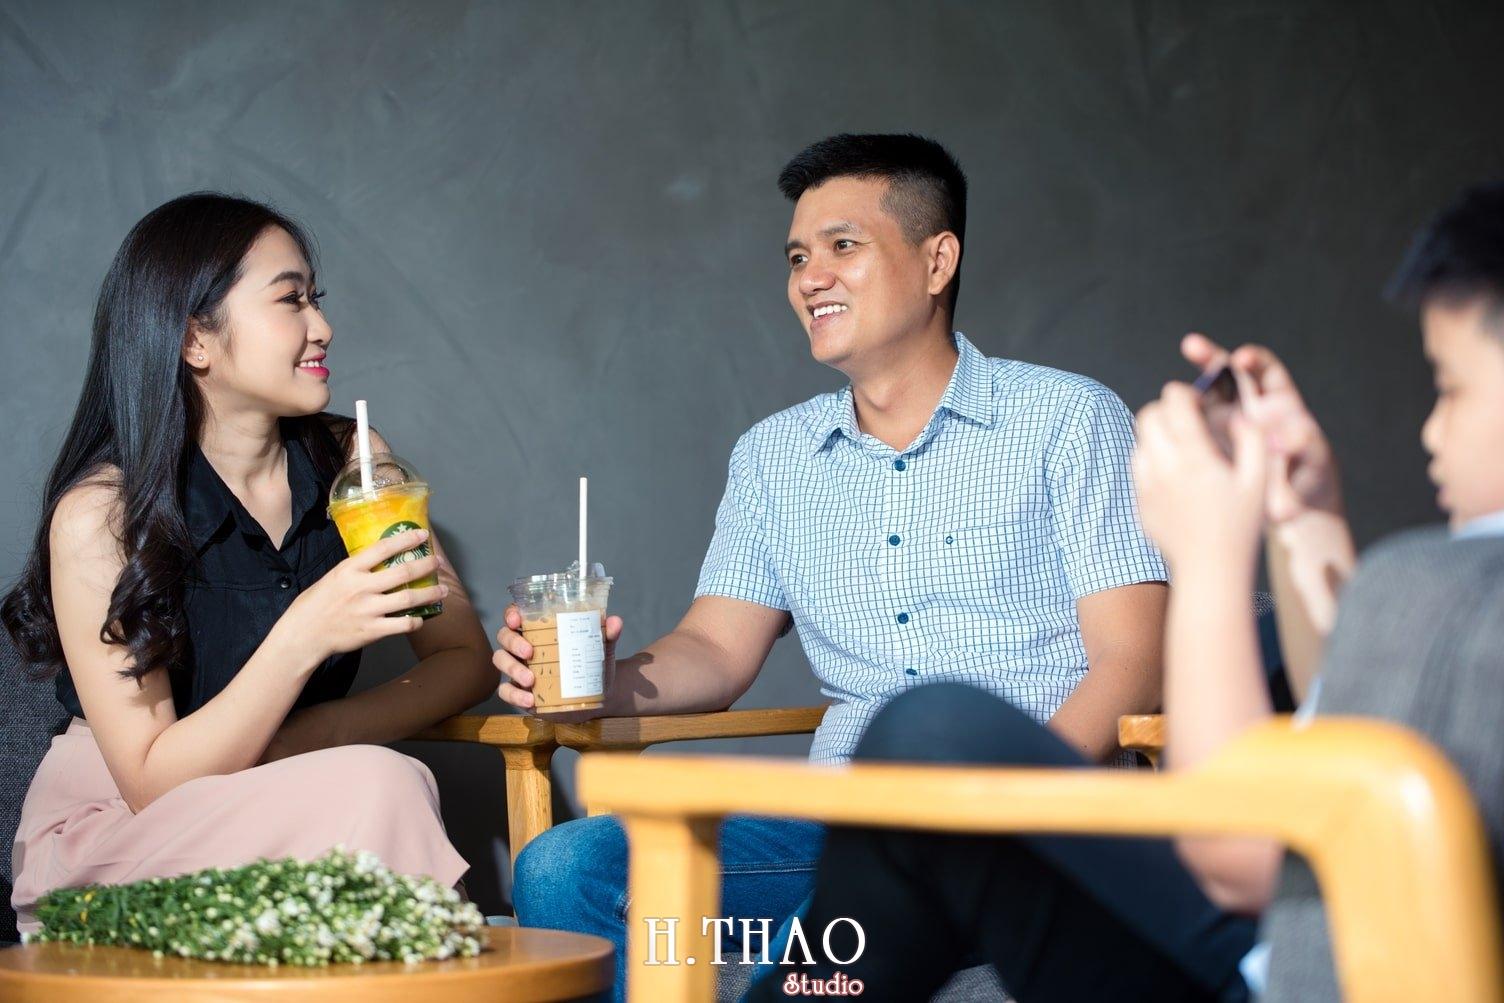 Anh Gia dinh 3 nguoi 28 - Bộ ảnh gia đình 3 người chụp ngoại cảnh đẹp tự nhiên - HThao Studio